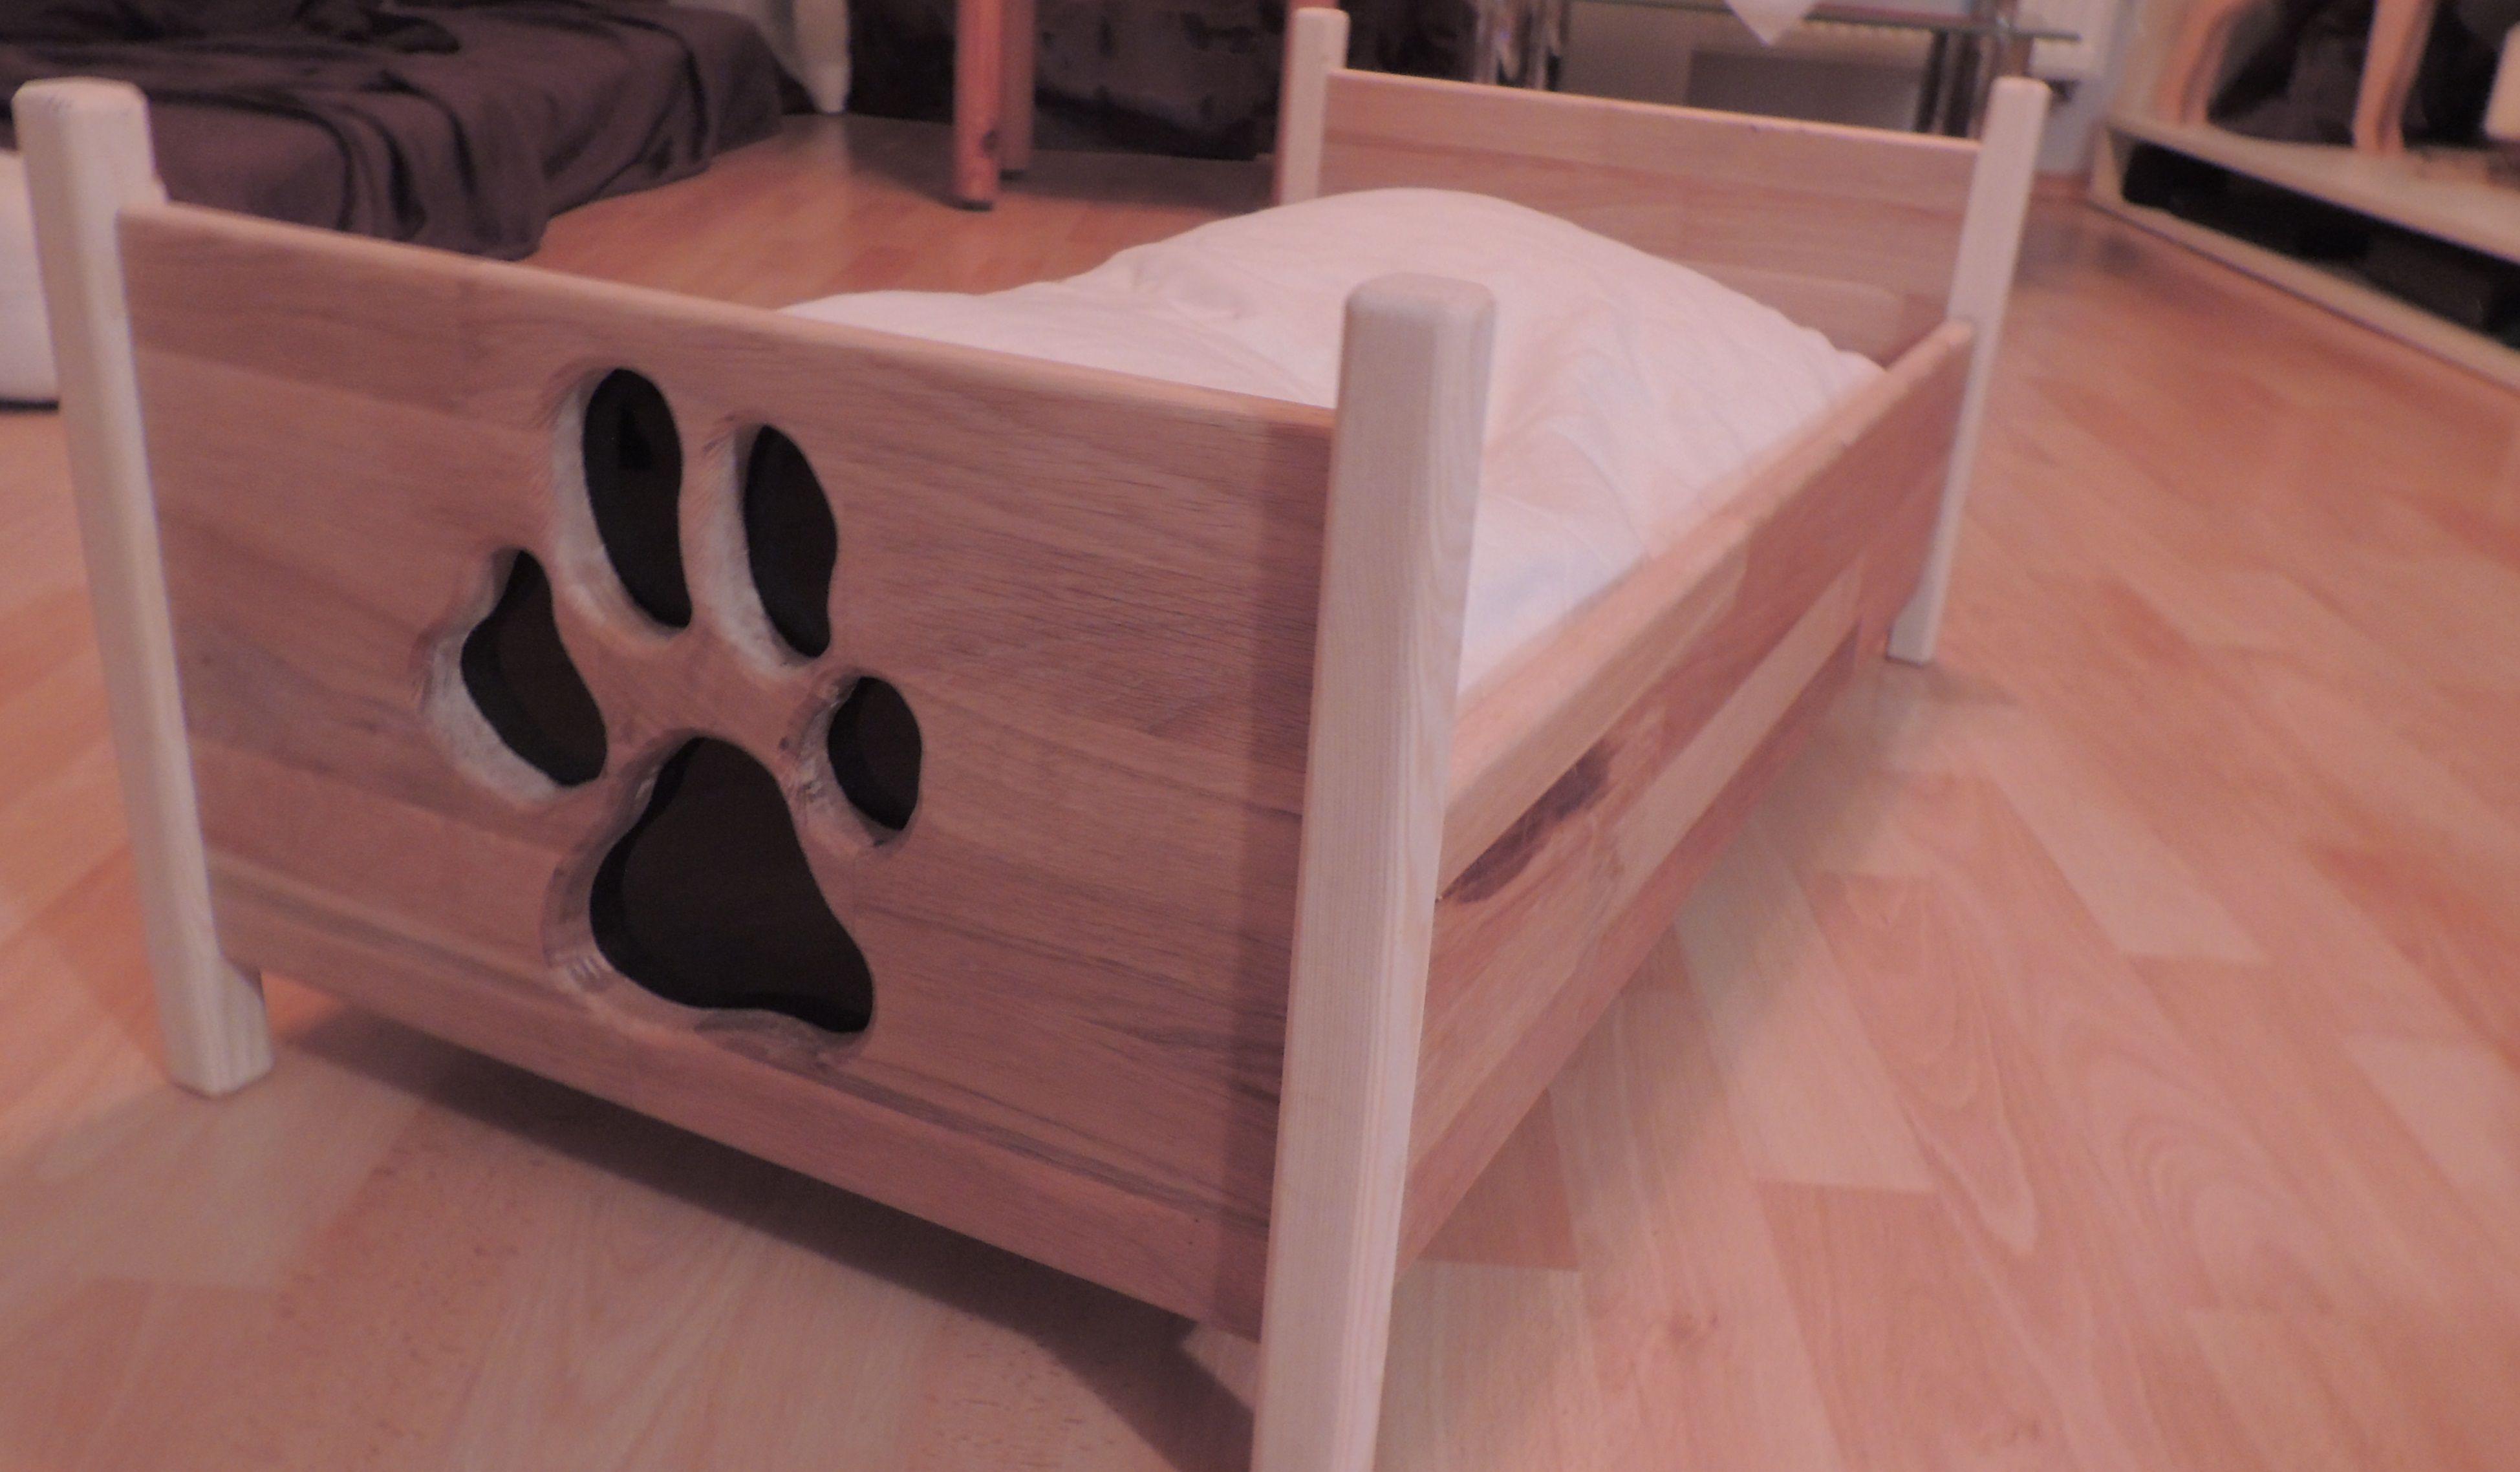 hundebett aus eiche bauanleitung zum selber bauen hund. Black Bedroom Furniture Sets. Home Design Ideas